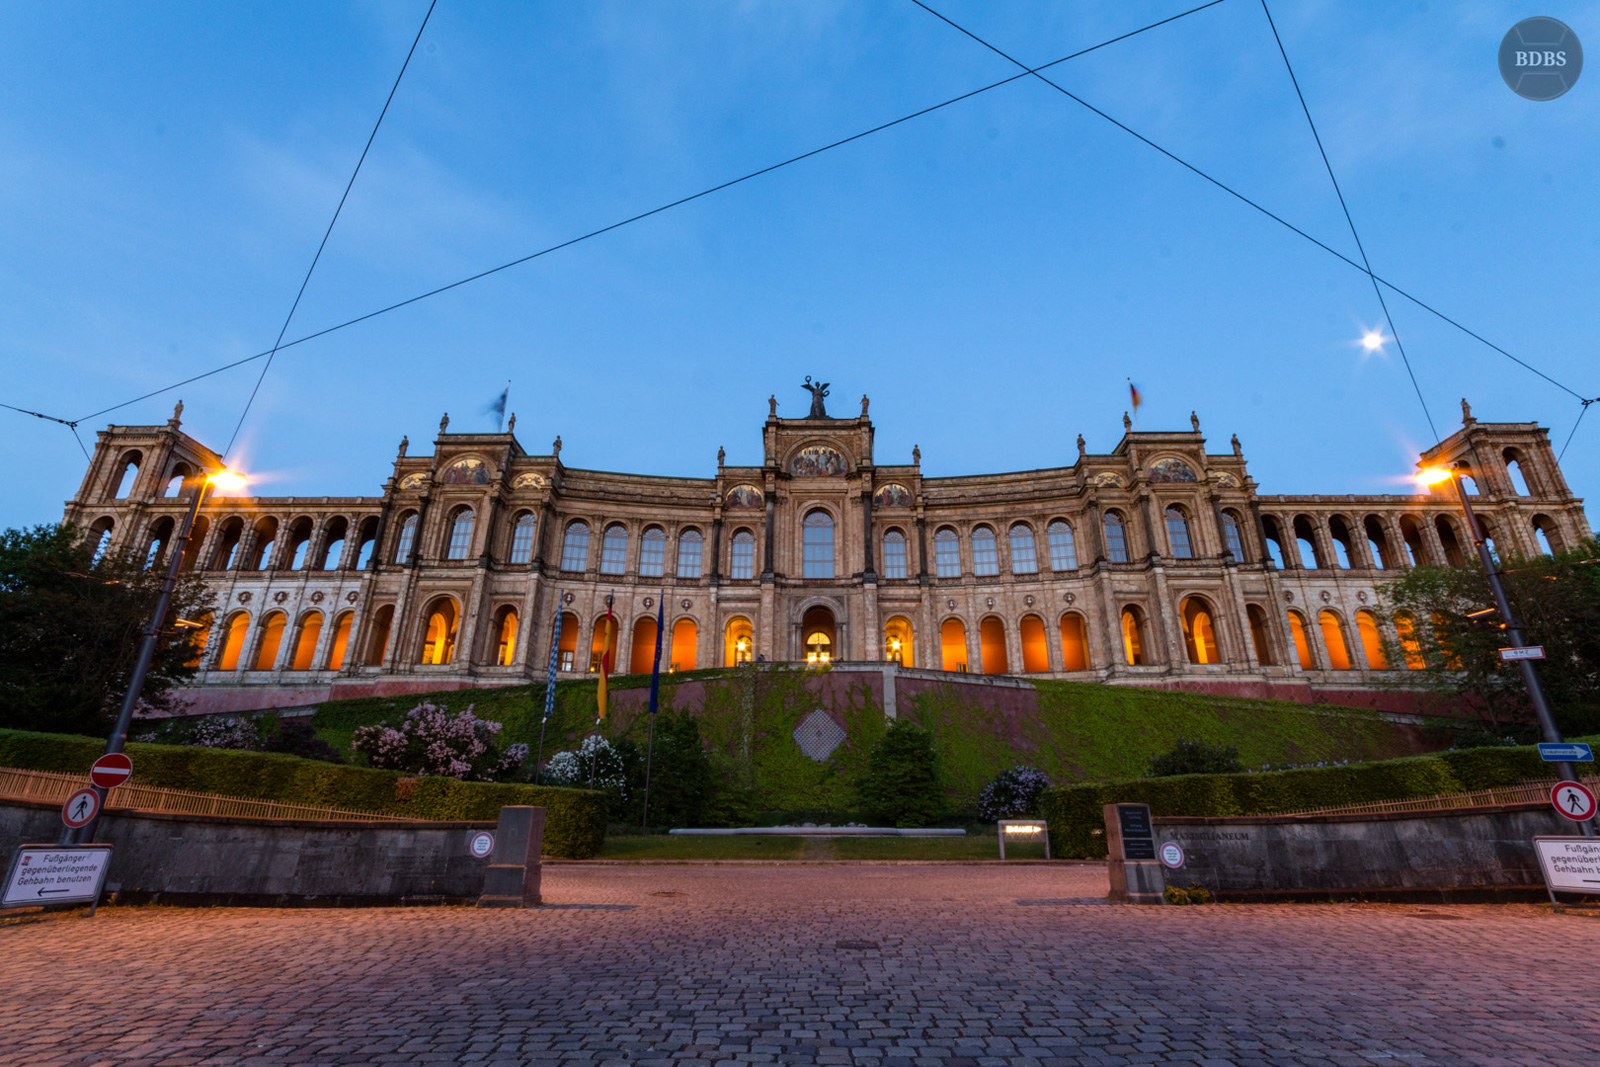 Auf der Suche nach Fotospots in und um München? Vielleicht werdet ihr bei Nikolas und Jan fündig.